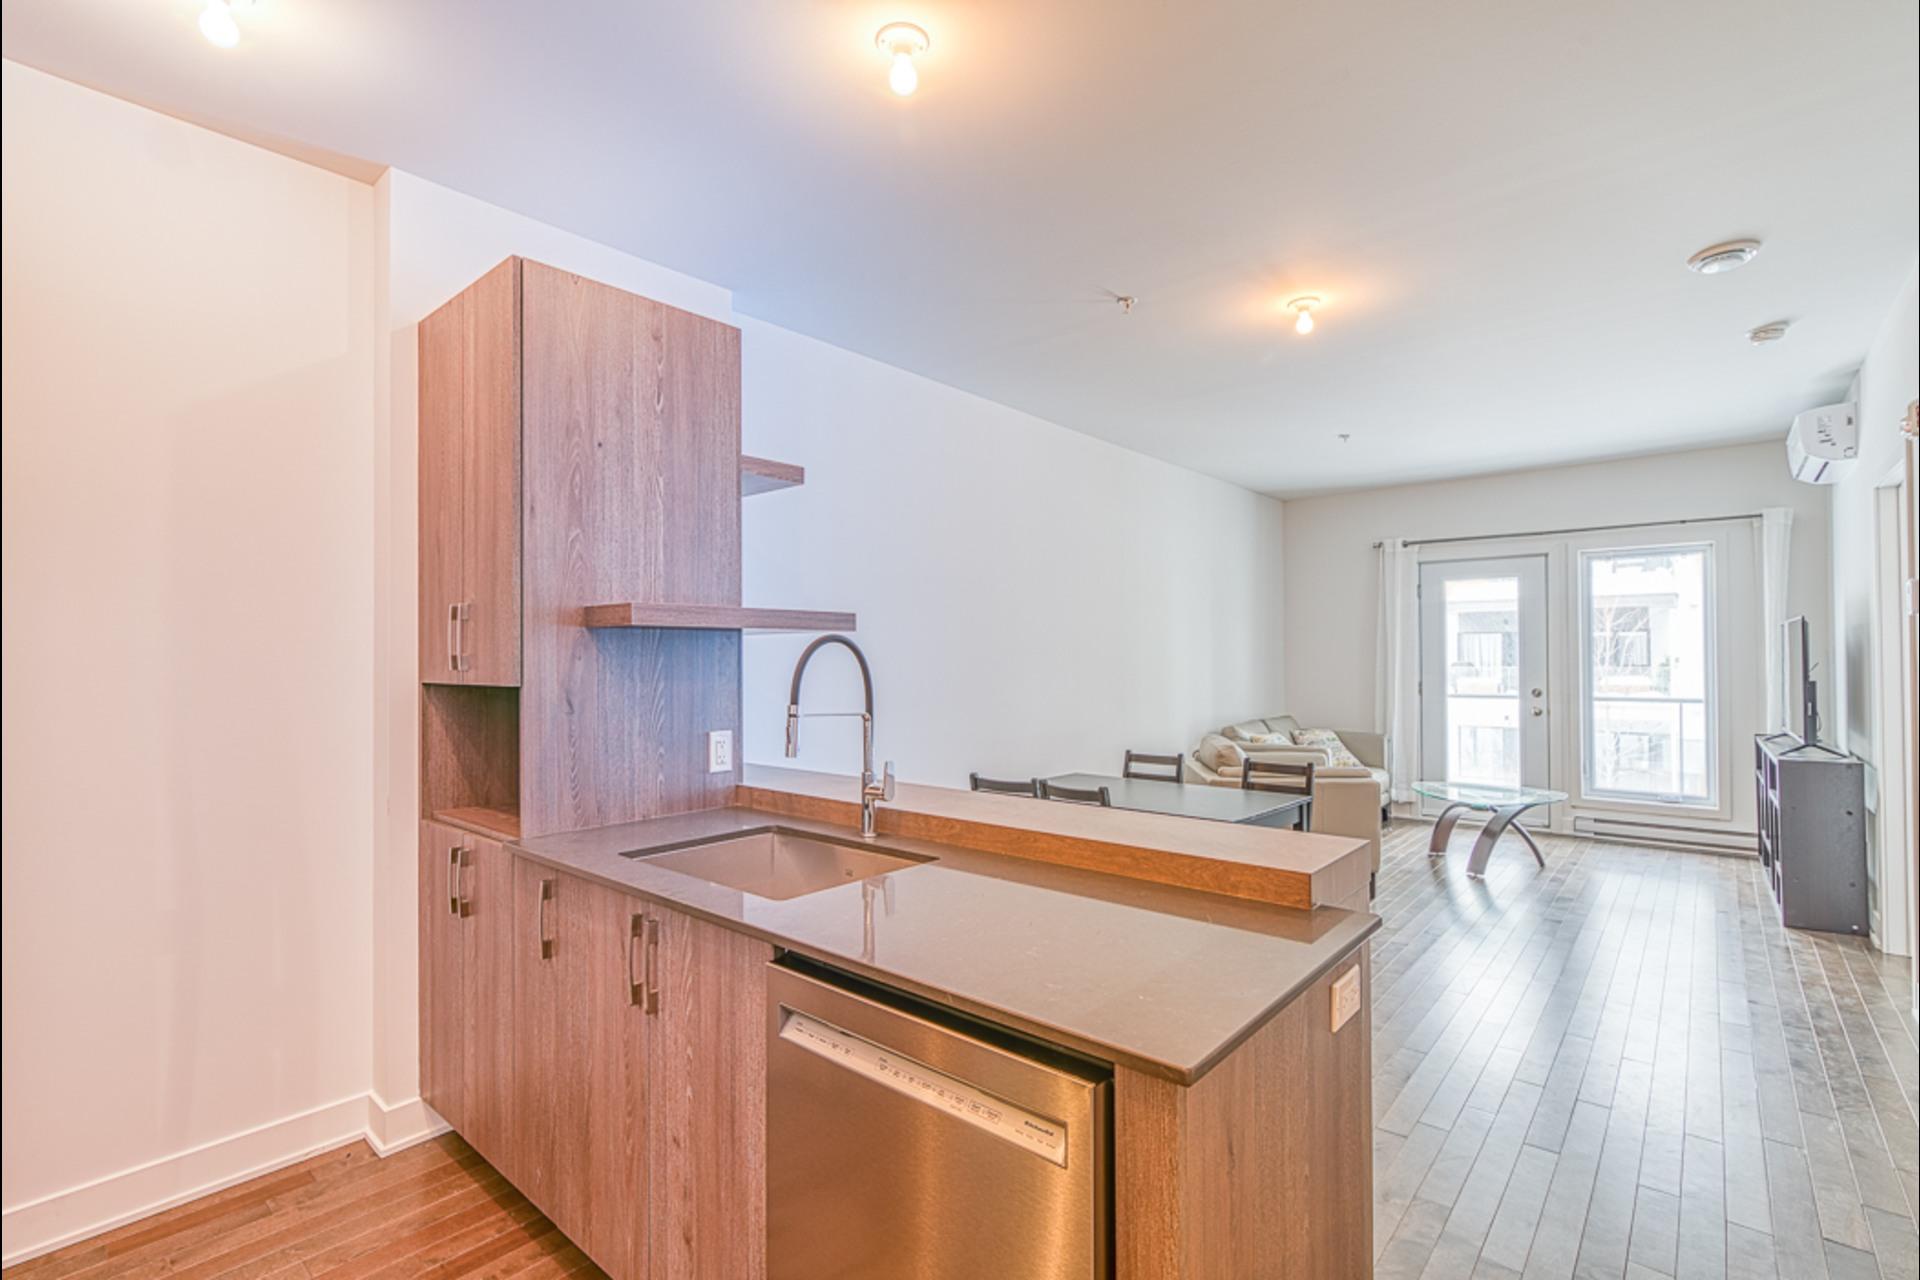 image 7 - MX - Condominio vertical - MX Para alquiler Montréal - 3 habitaciones